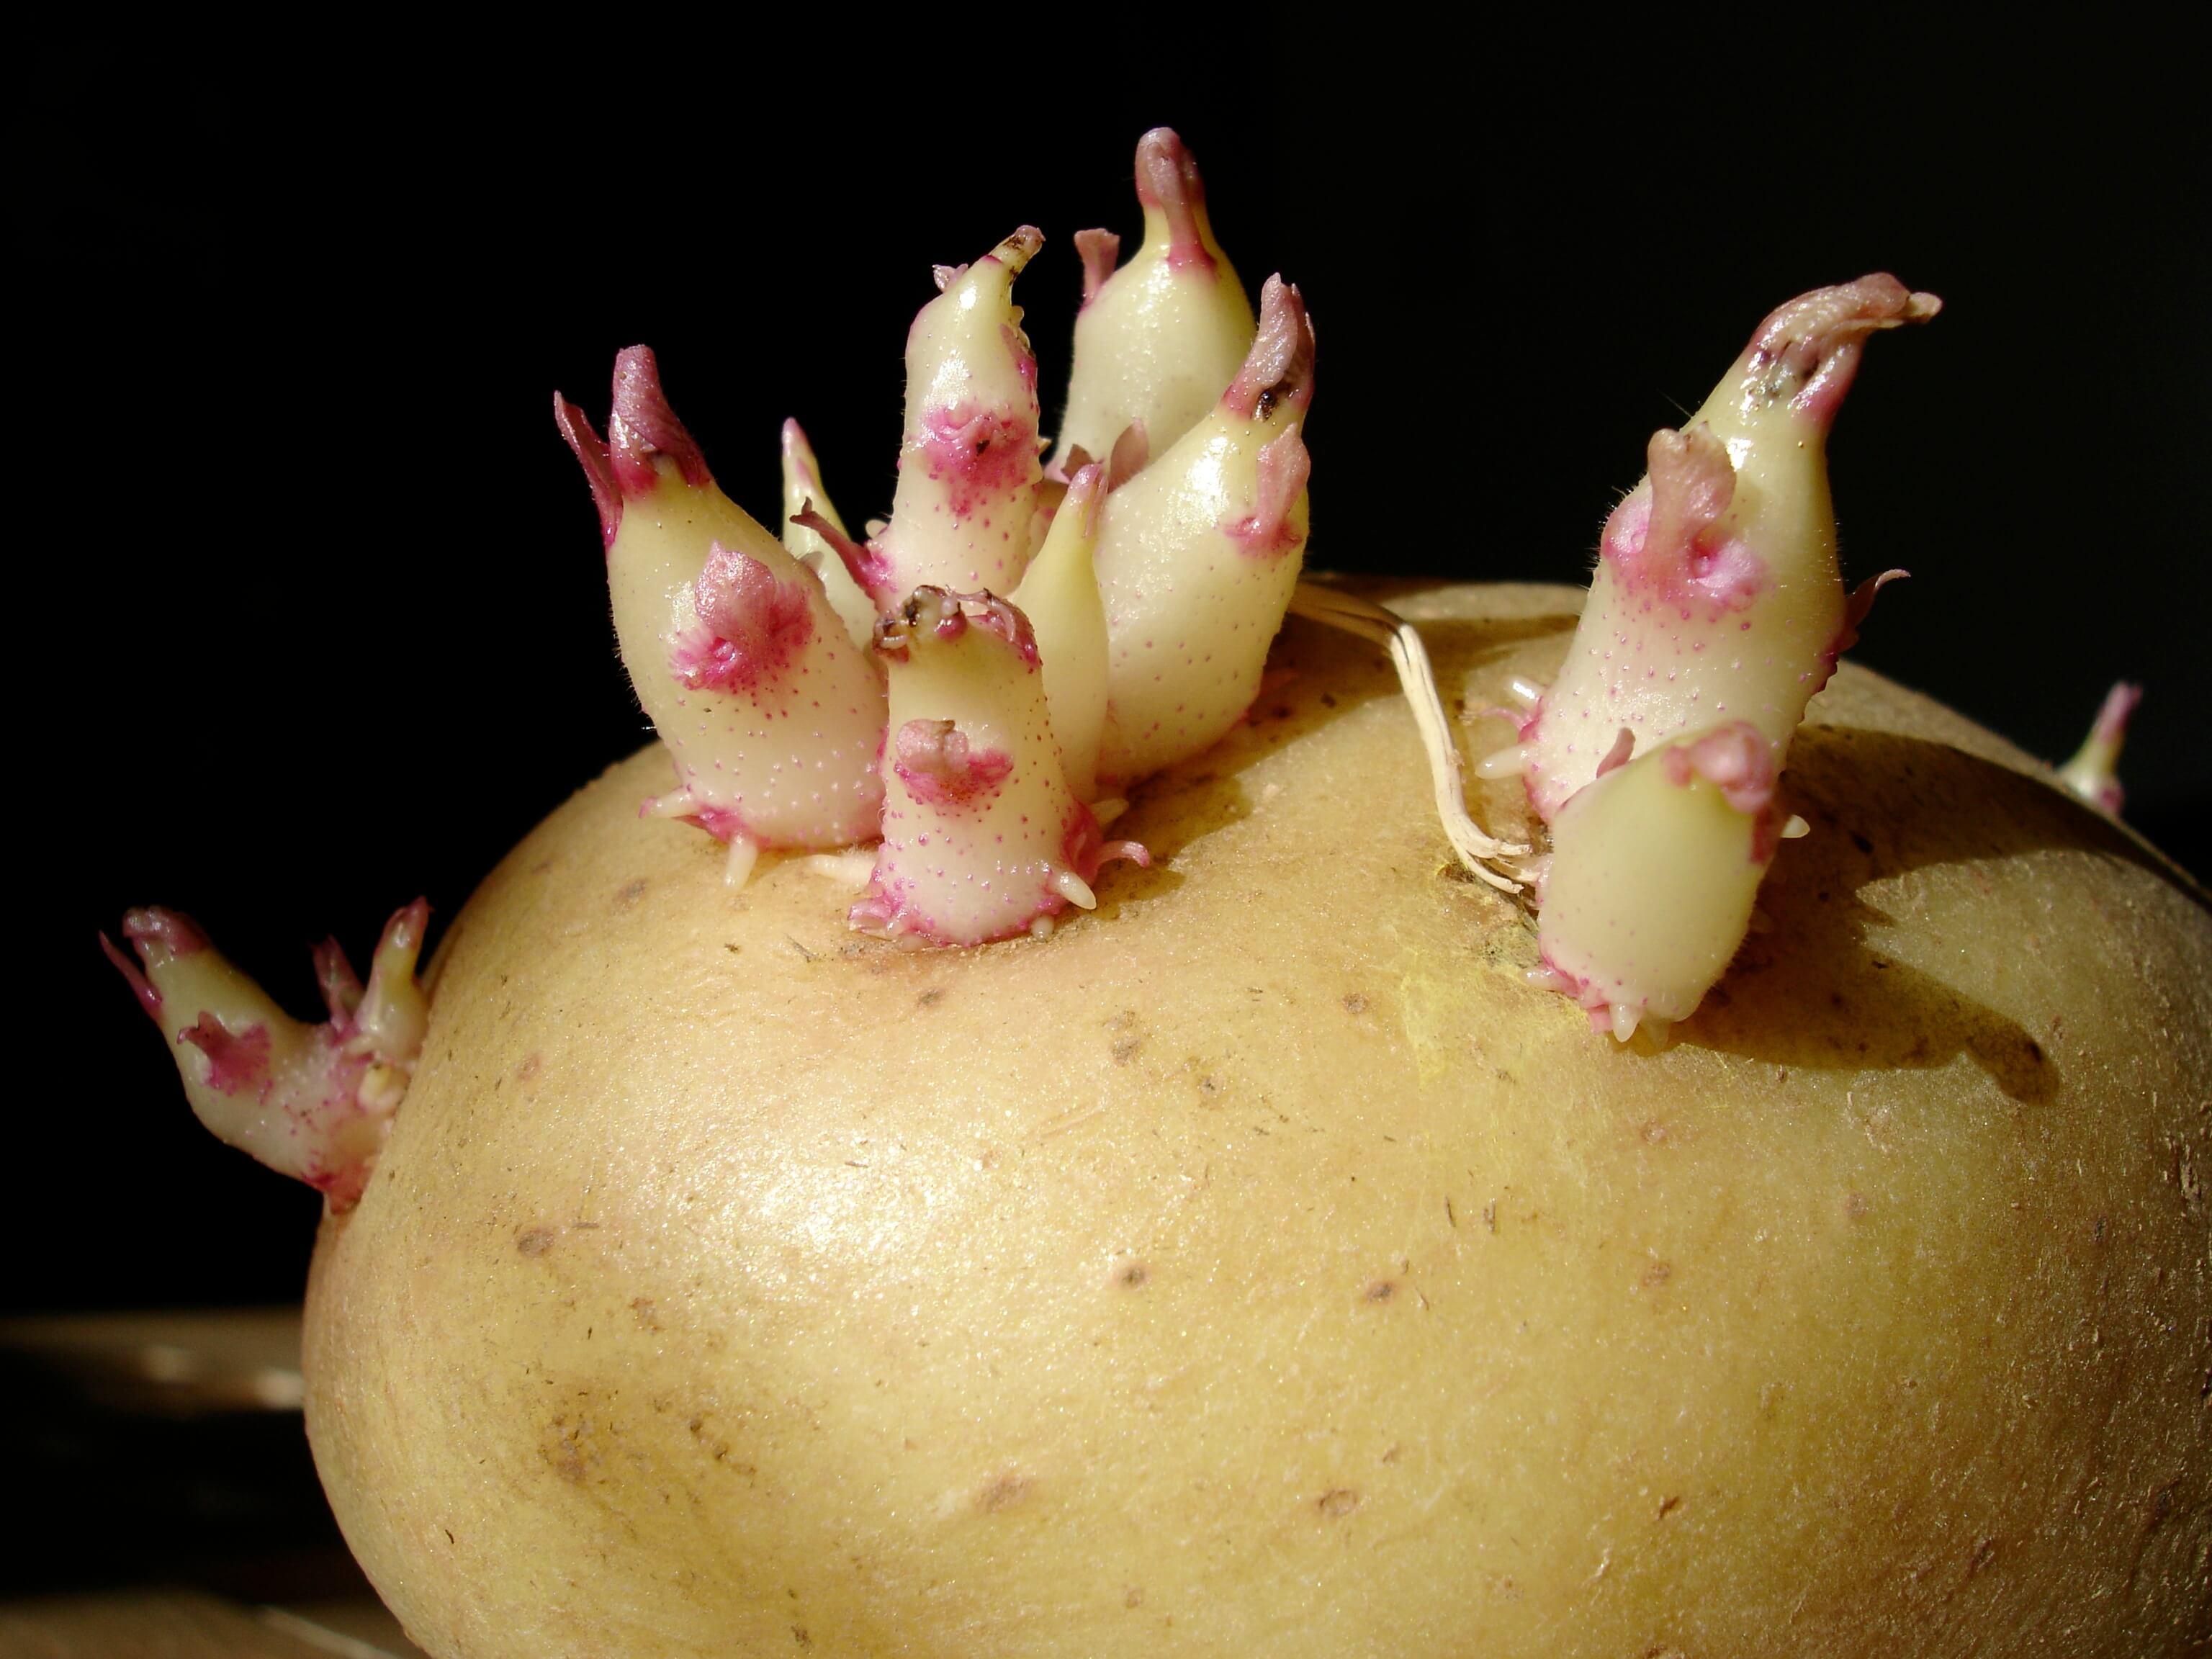 Размножение картофеля возможно вегетативное, семенное или черенкованием